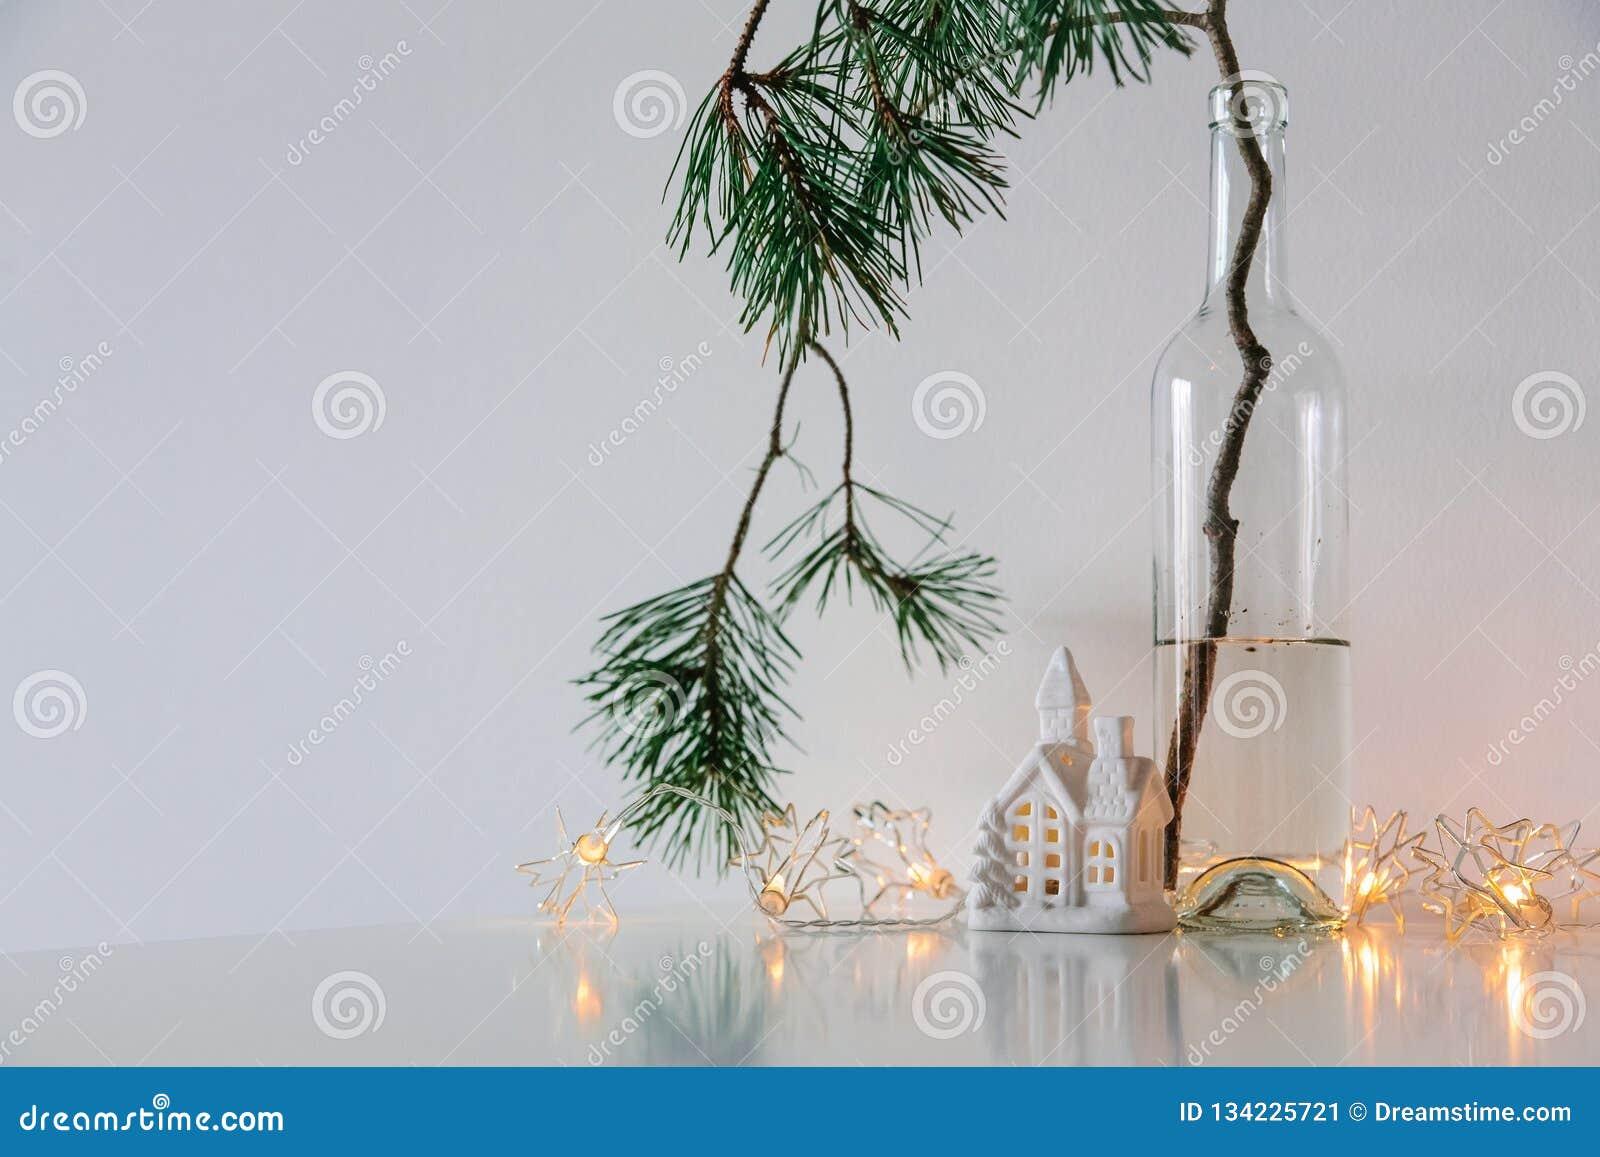 Skandinavischer Weihnachtsdekor Kiefernniederlassungen, Girlande und eine keramische Hauslampe